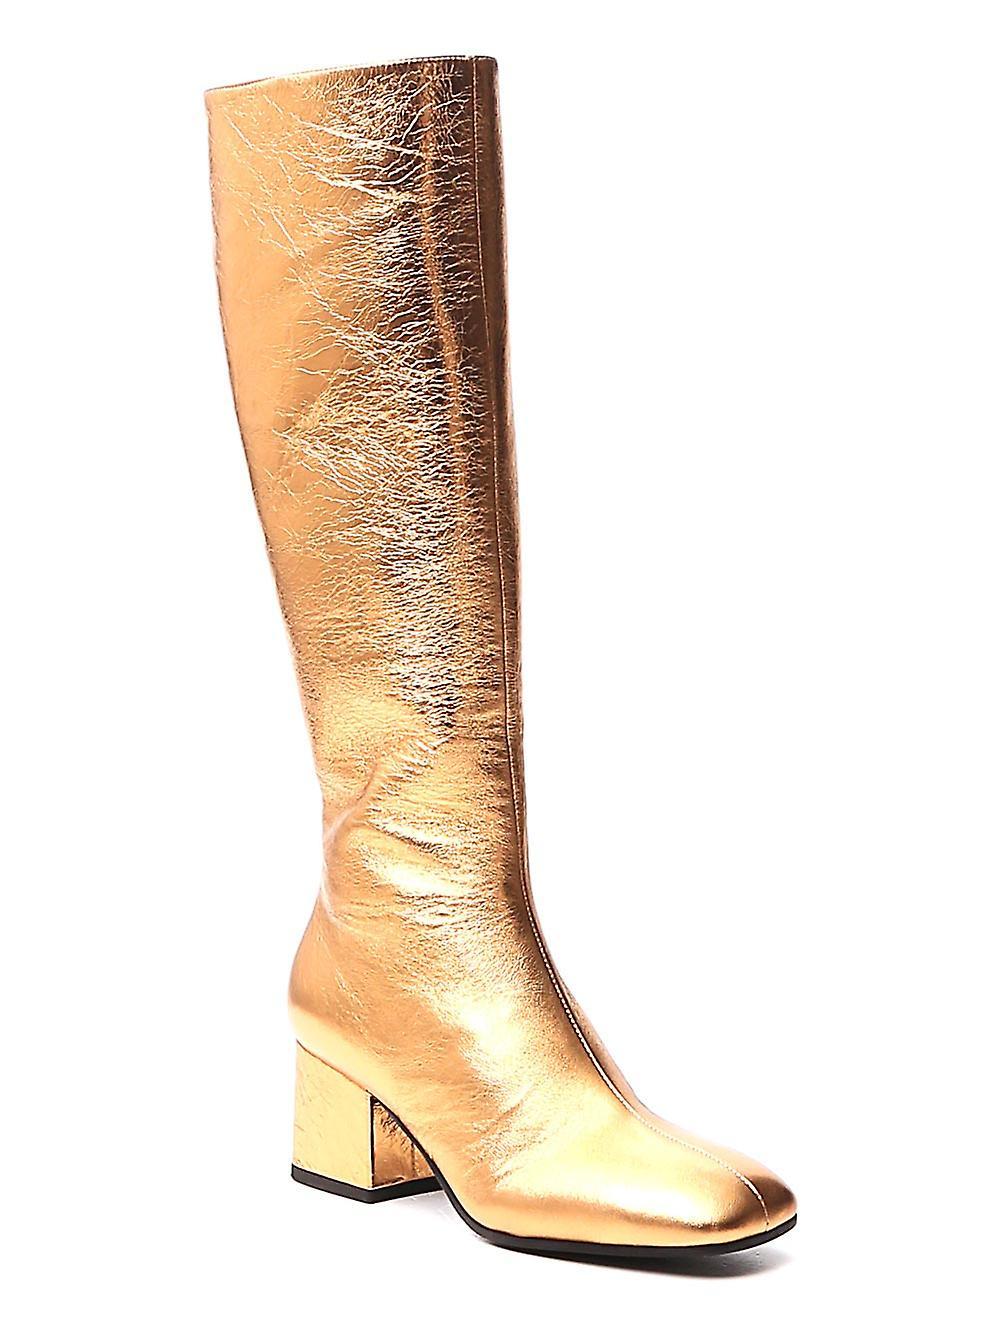 Marni Stms004306p358700y65 Kvinder's Guld Læder Støvler